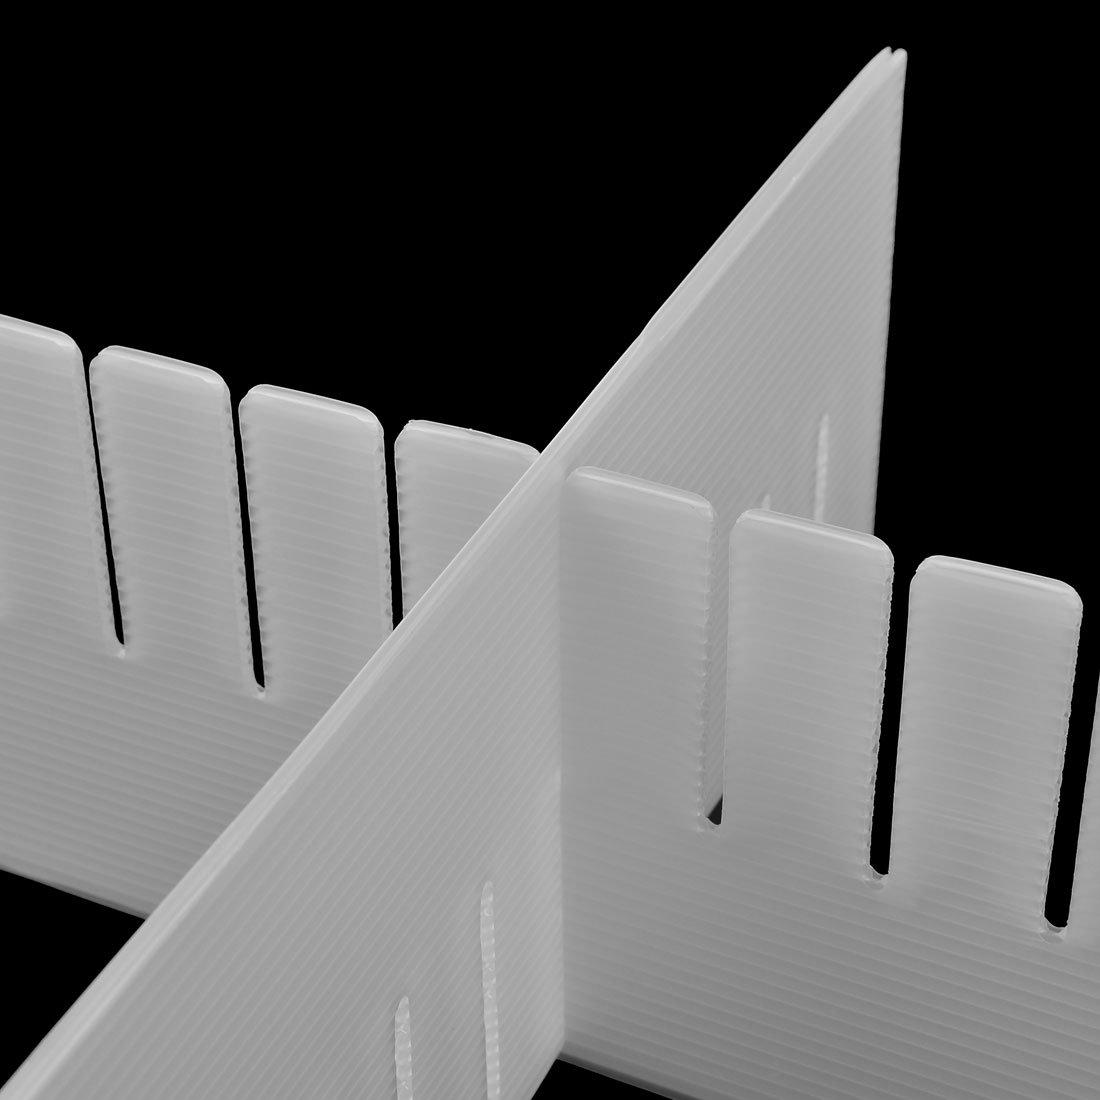 sourcingmap/® plastica fai da te griglia divisori per cassetti articoli per la casa di archiviazione esterni Bianco 6 Pz